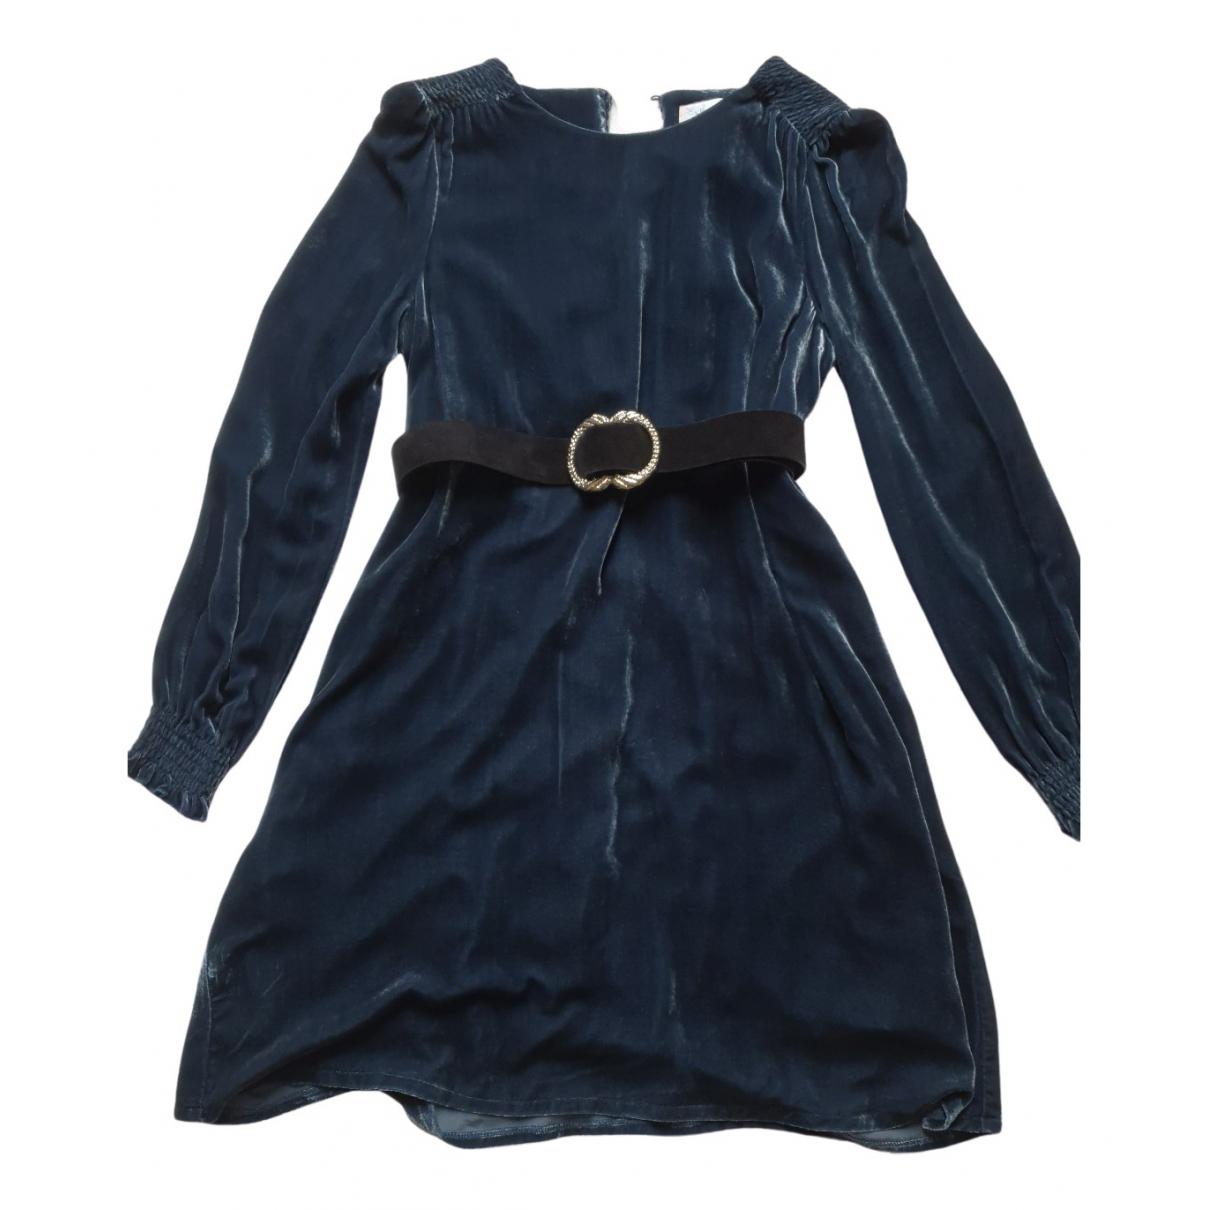 Sezane - Robe Fall Winter 2019 pour femme en velours - bleu